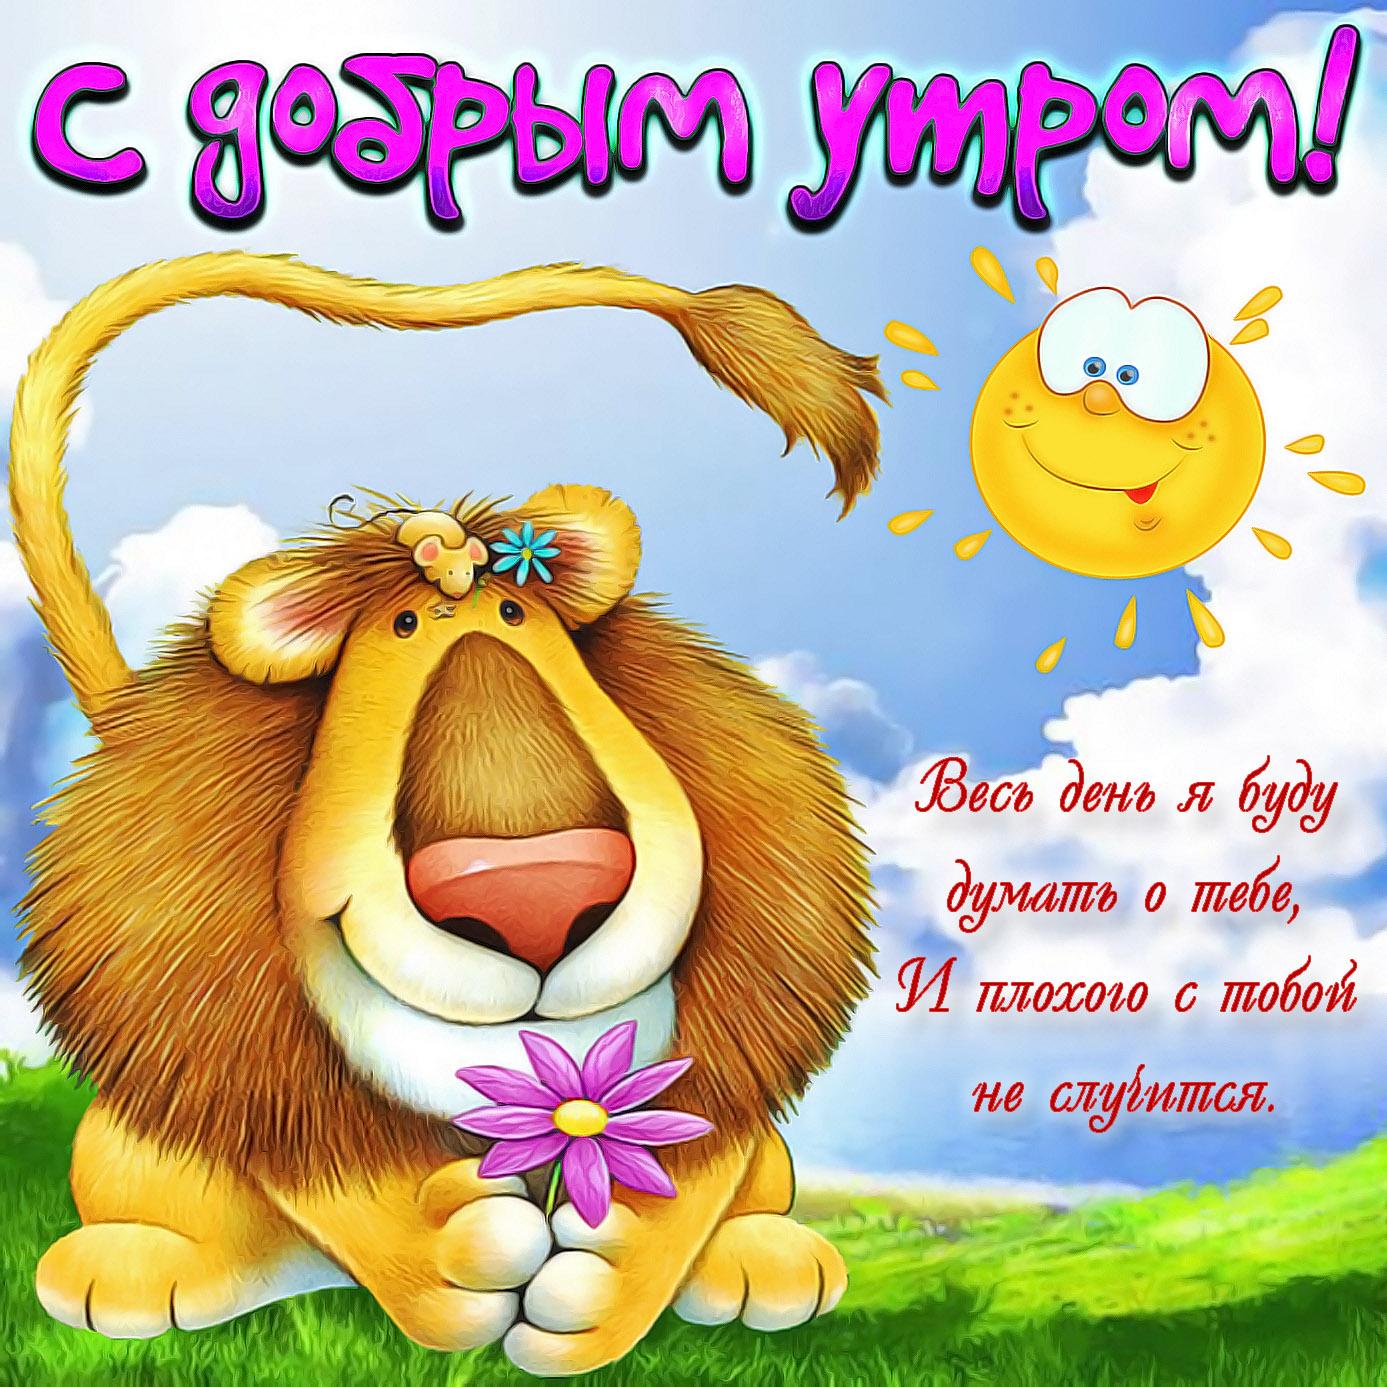 Открытка с забавным львом на доброе утро